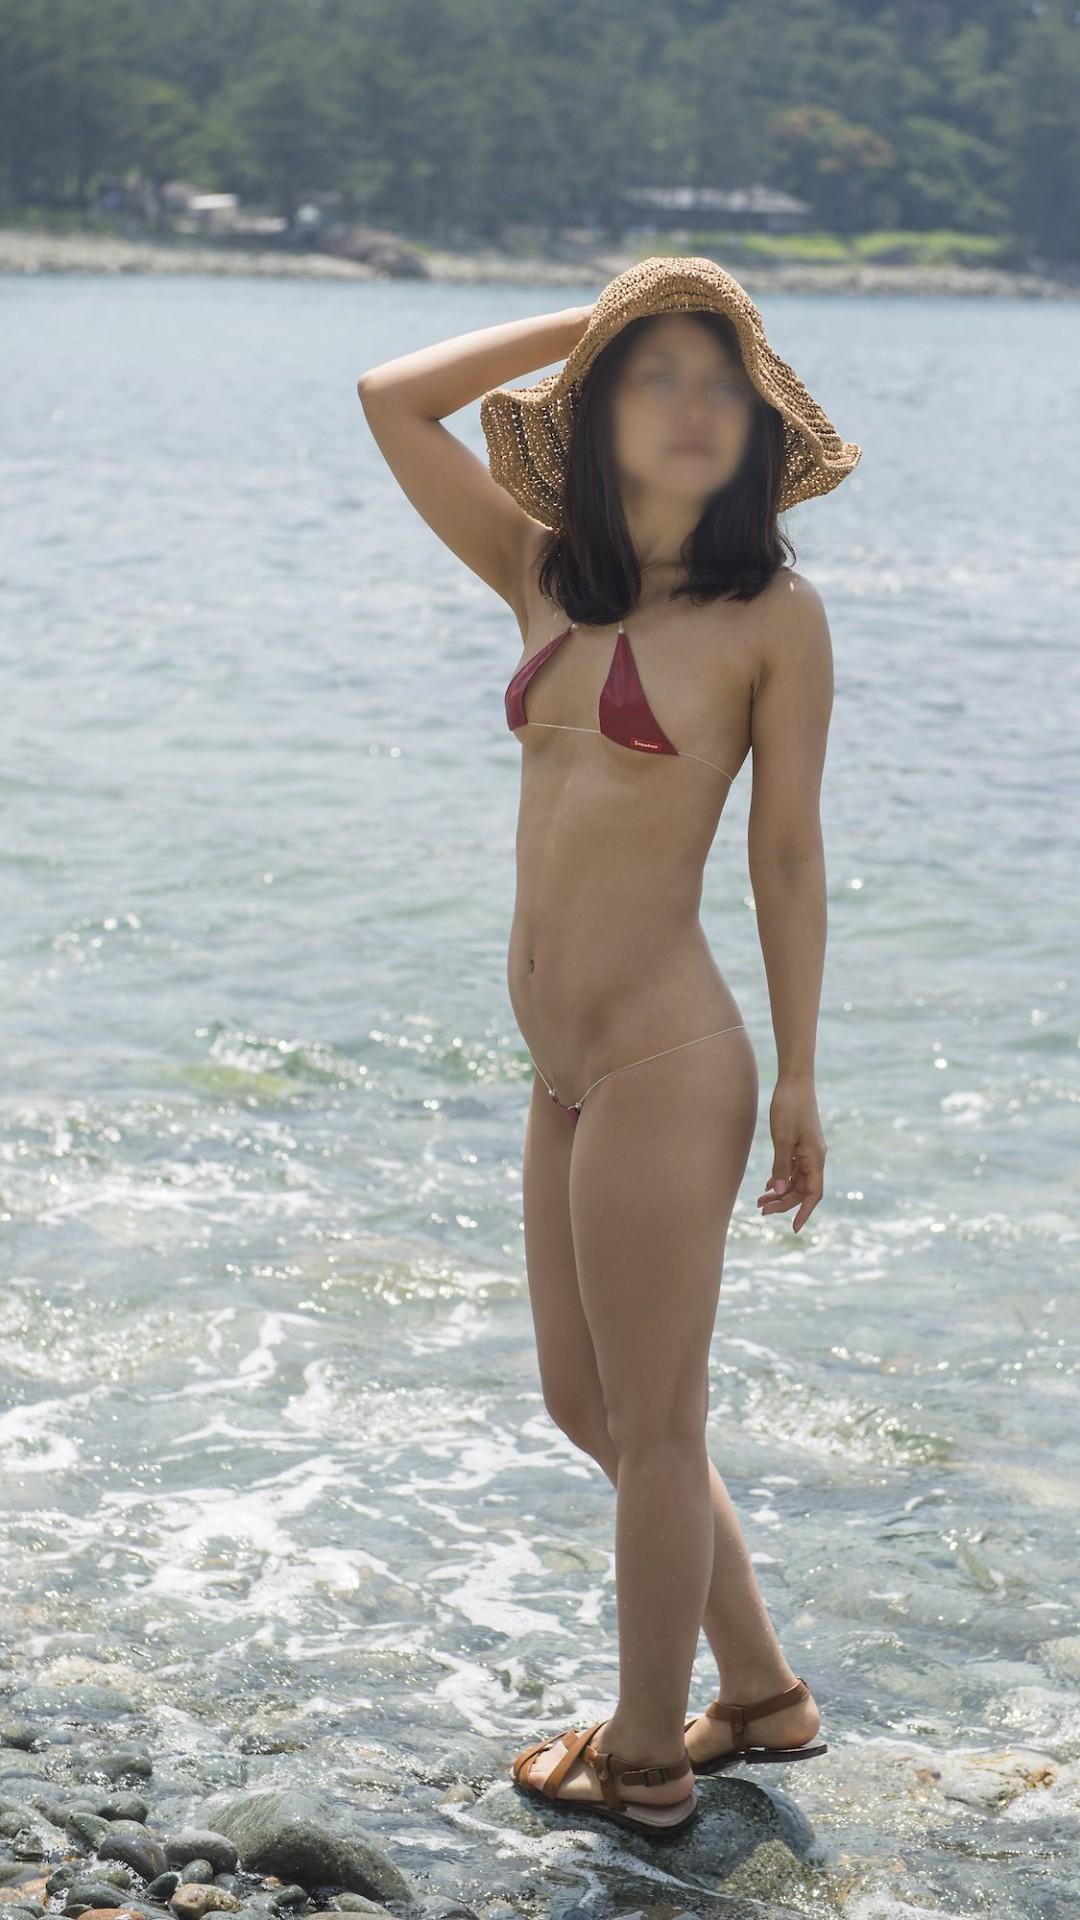 三次元 3次元 エロ画像 ビーチ ヌード 裸 野外 露出 羞恥  べっぴん娘通信 040